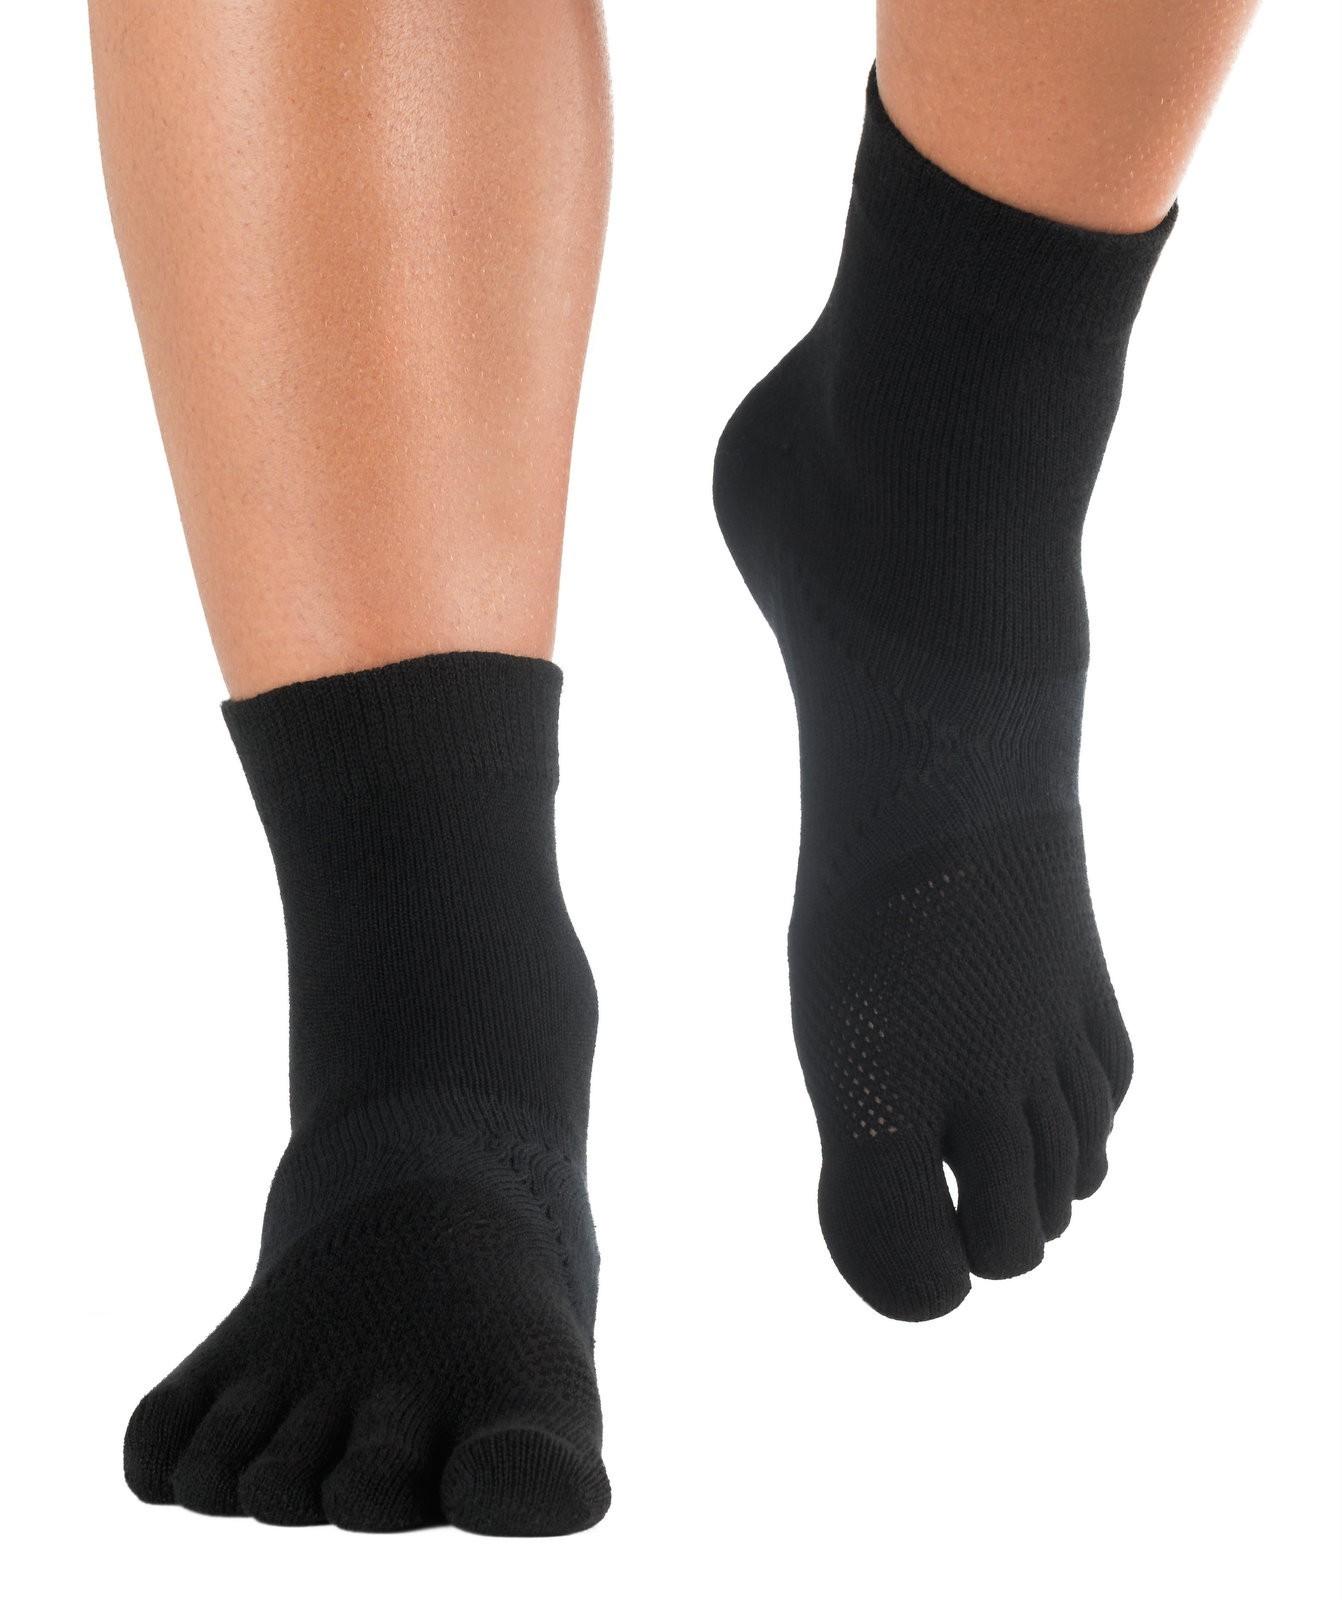 Chaussettes techniques KNITIDO pour la course à pied